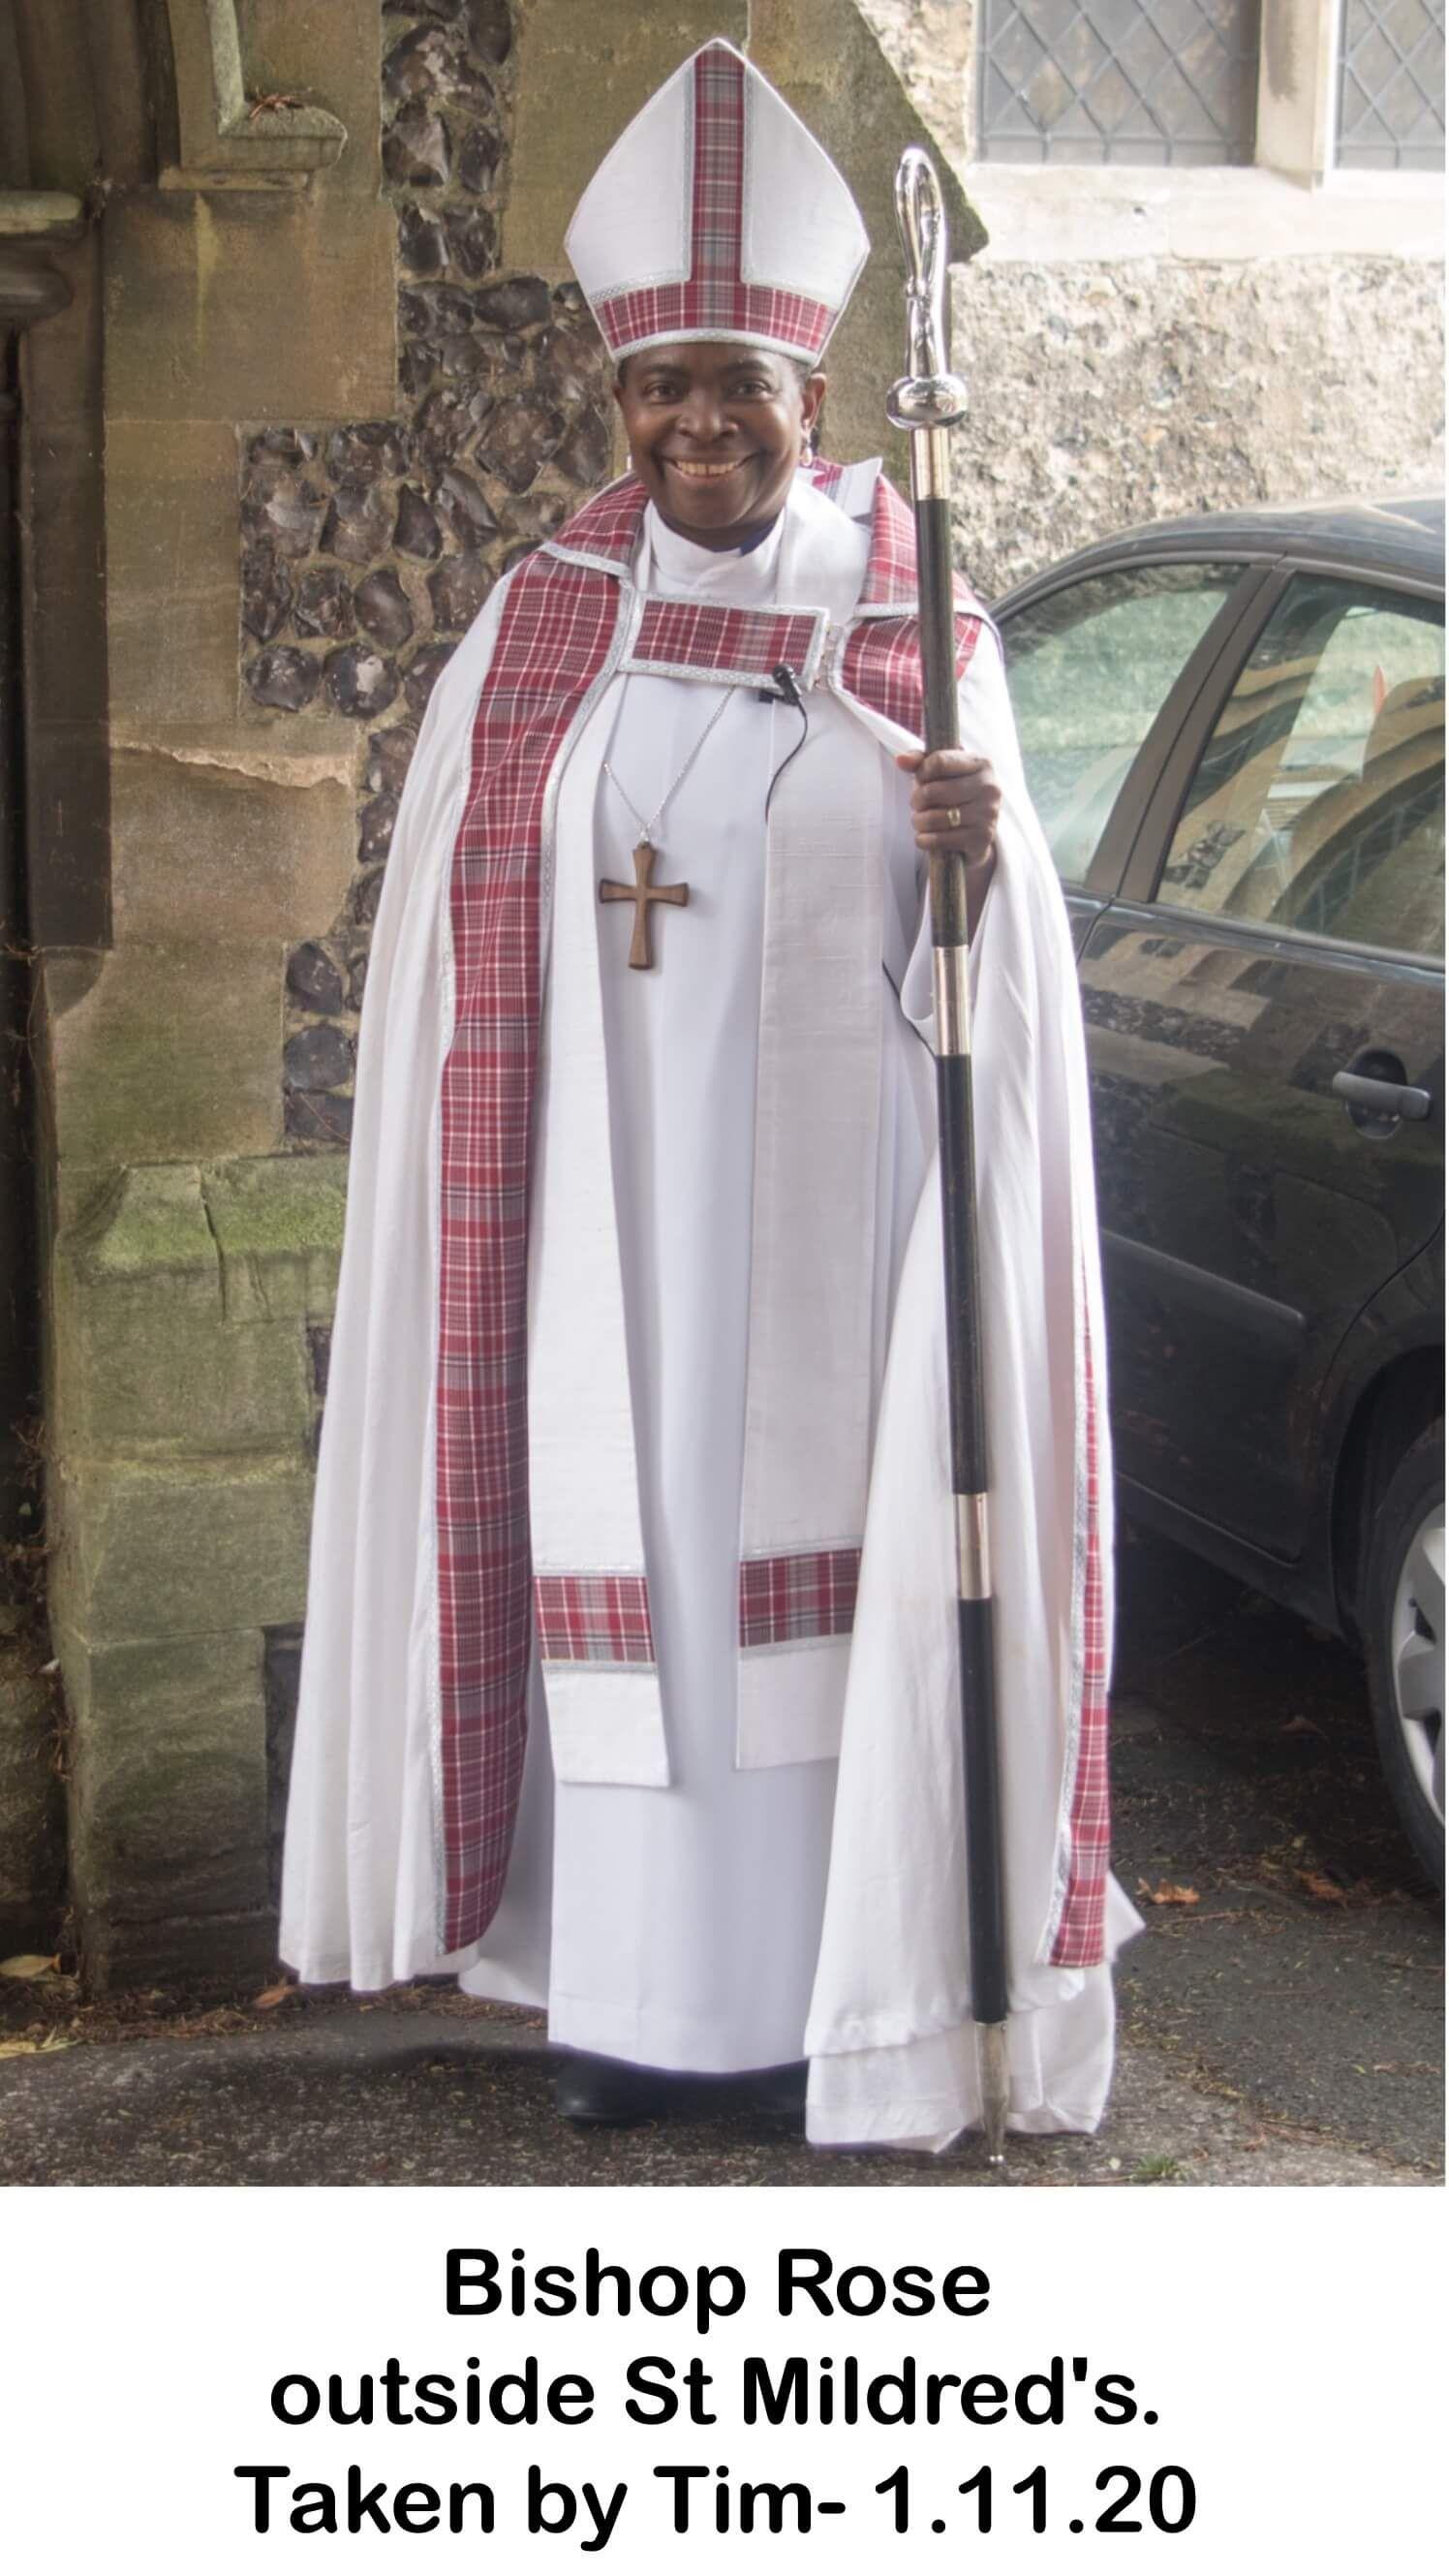 Bishop Rose outside St Mildred's.